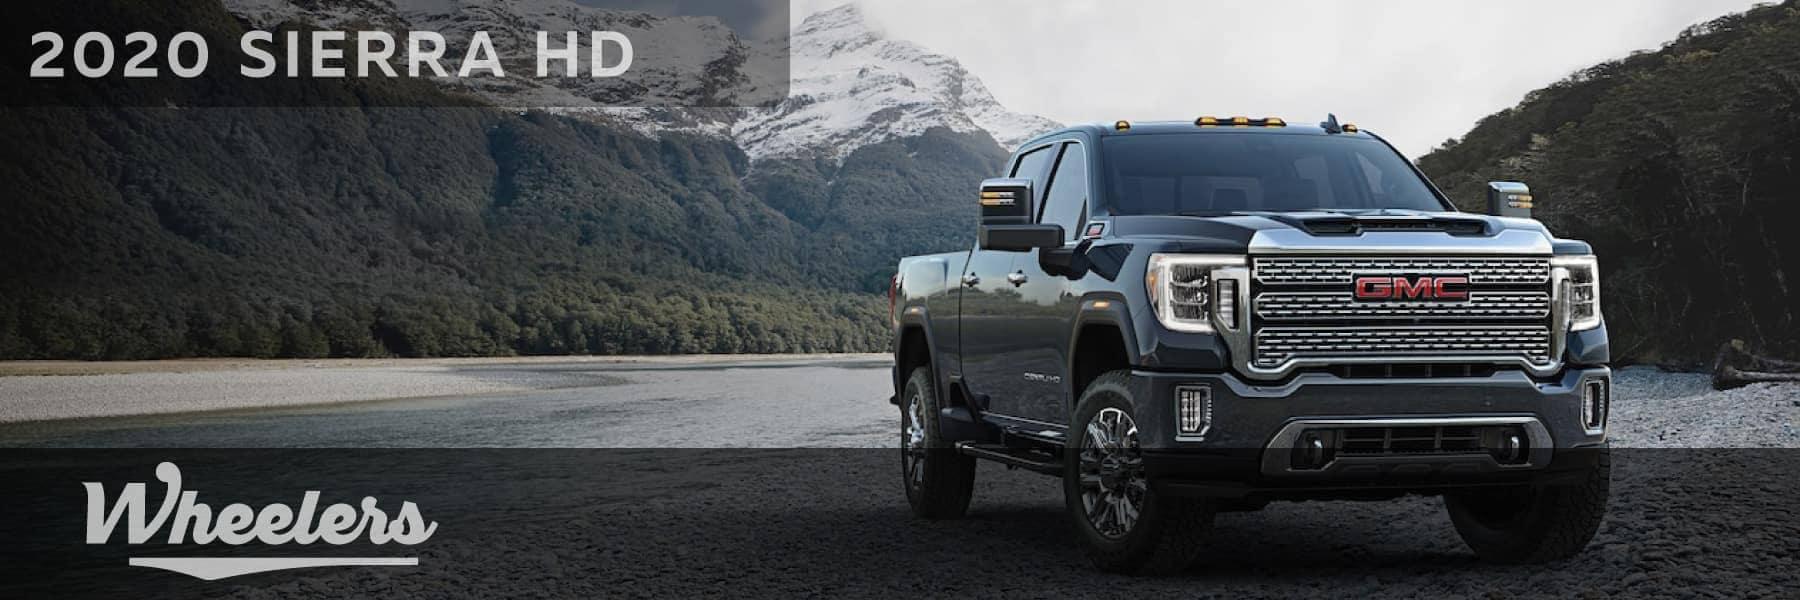 2020 Sierra HD truck